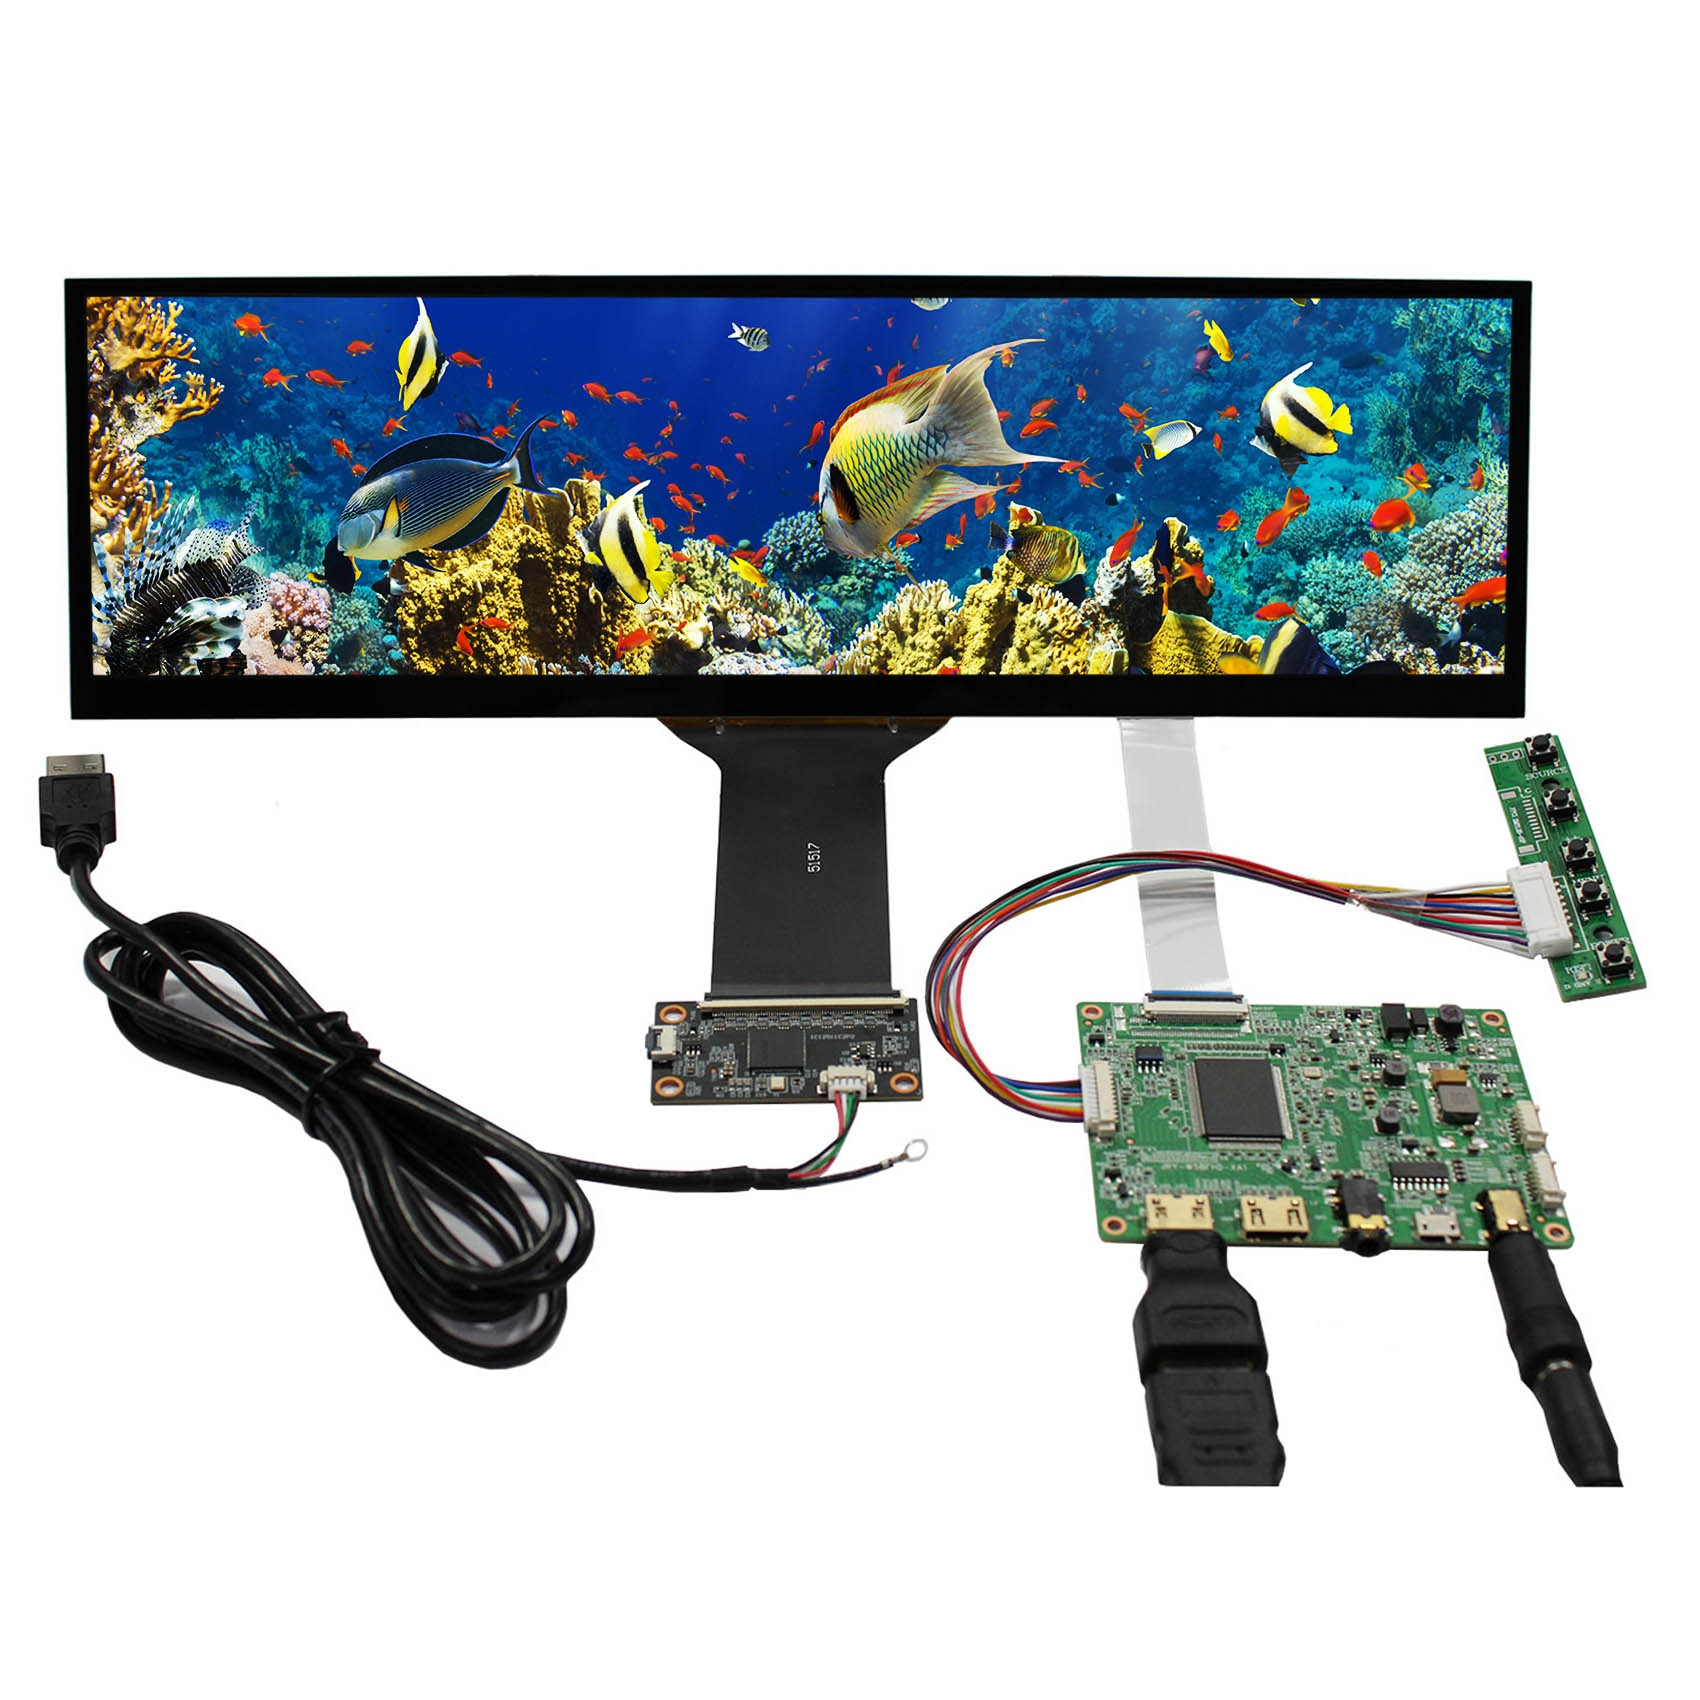 VSDISPLAY NV126B5M-N41 12.6 بوصة 1920X515 IPS شاشة لوحة اللمس مع 2HDMI وحدة تحكم بشاشة إل سي دي صغيرة مجلس ل سيارة رصد/شريط العرض